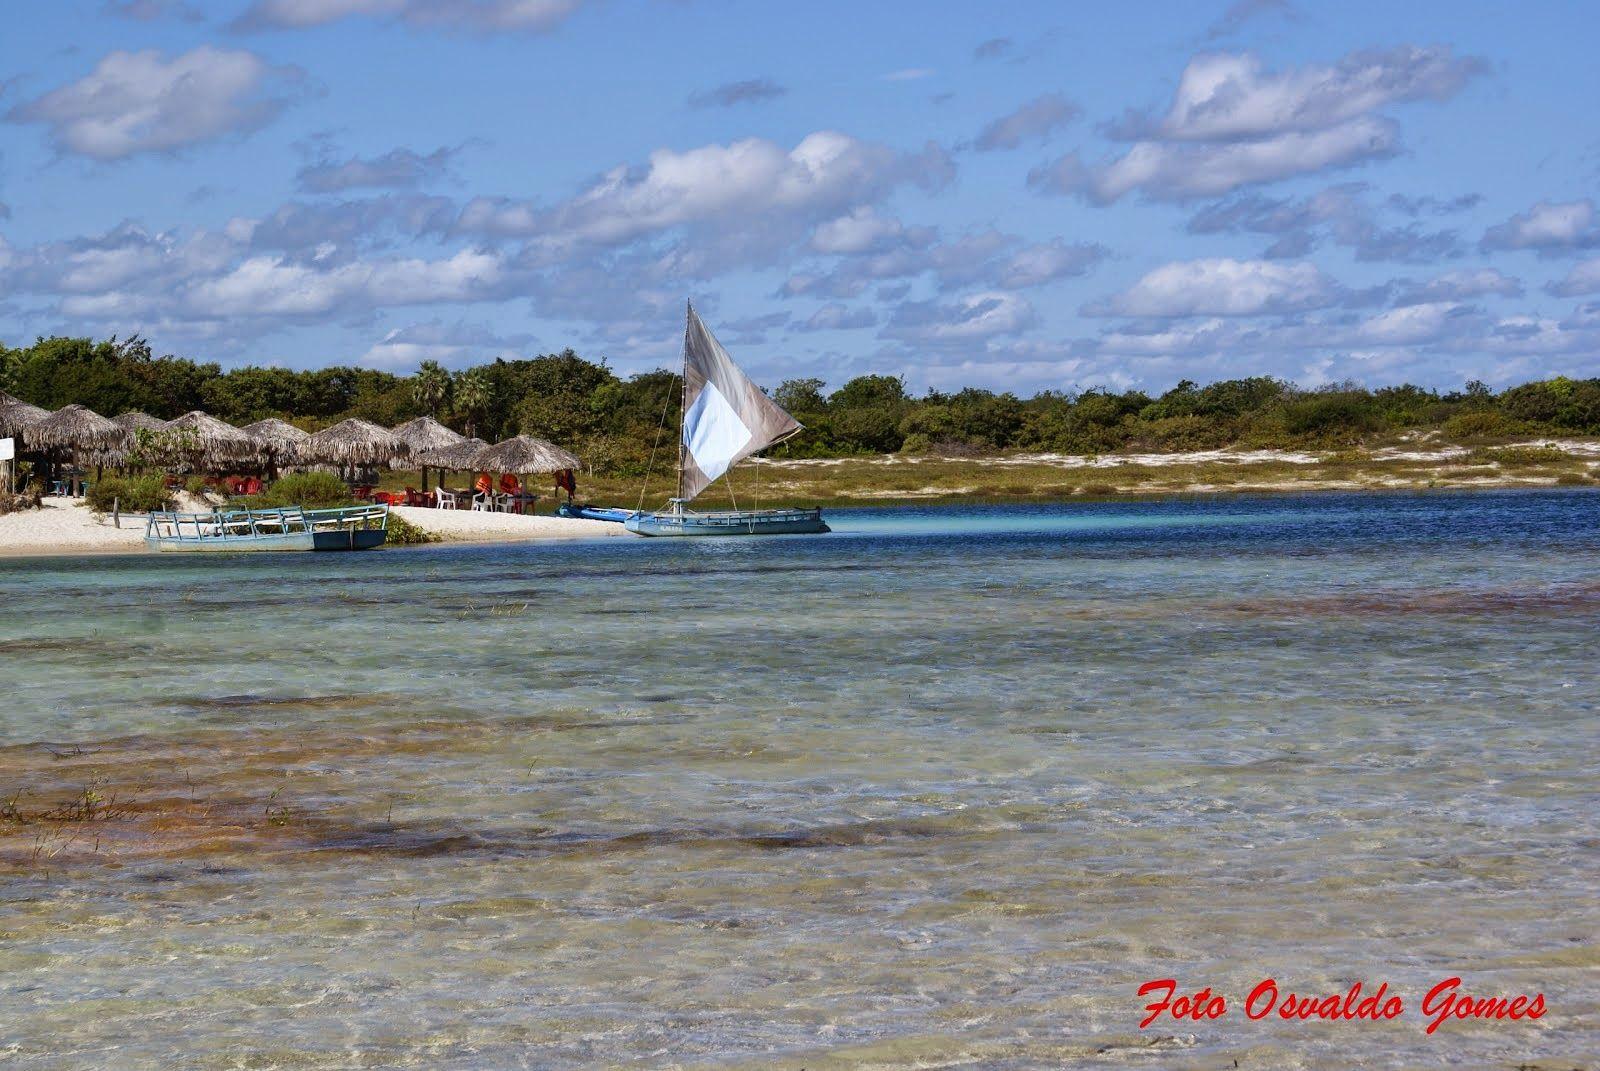 Parque Nacional de Jericoacoara, lagoa Azul: lagoa de água doce e cristalina cercada por vegetação nativa, tem a alcunha popular de Caribe Nordestino.